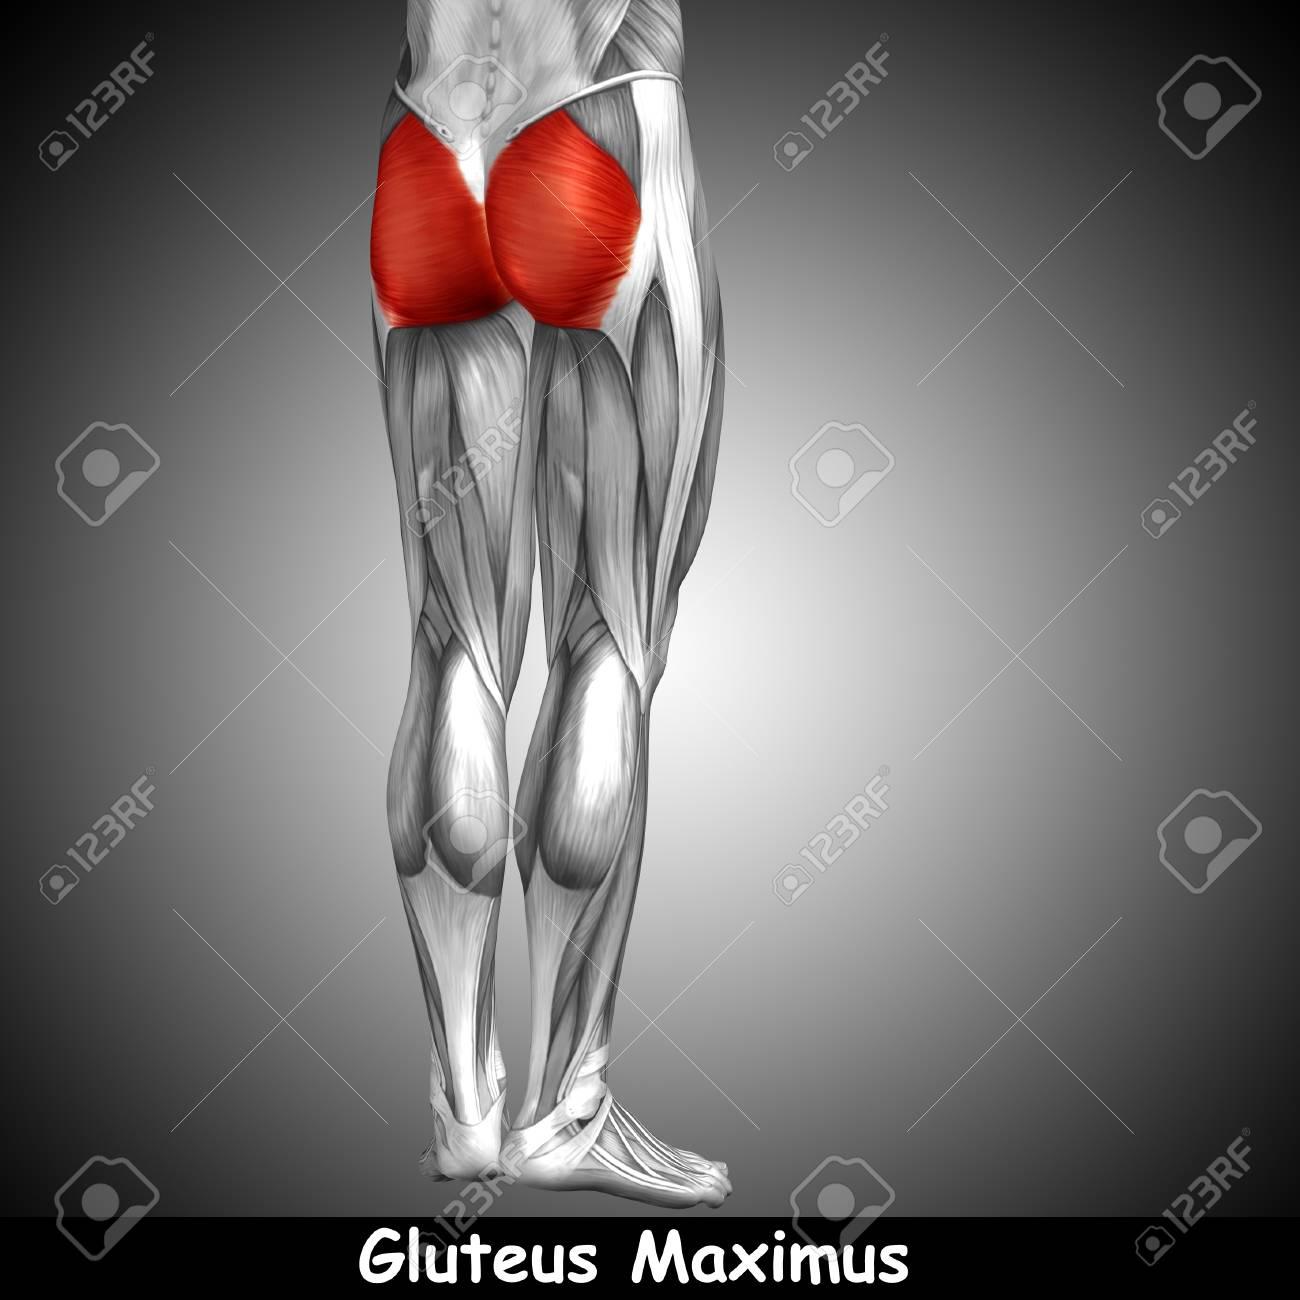 Dorable Muscular Humana Bandera - Imágenes de Anatomía Humana ...